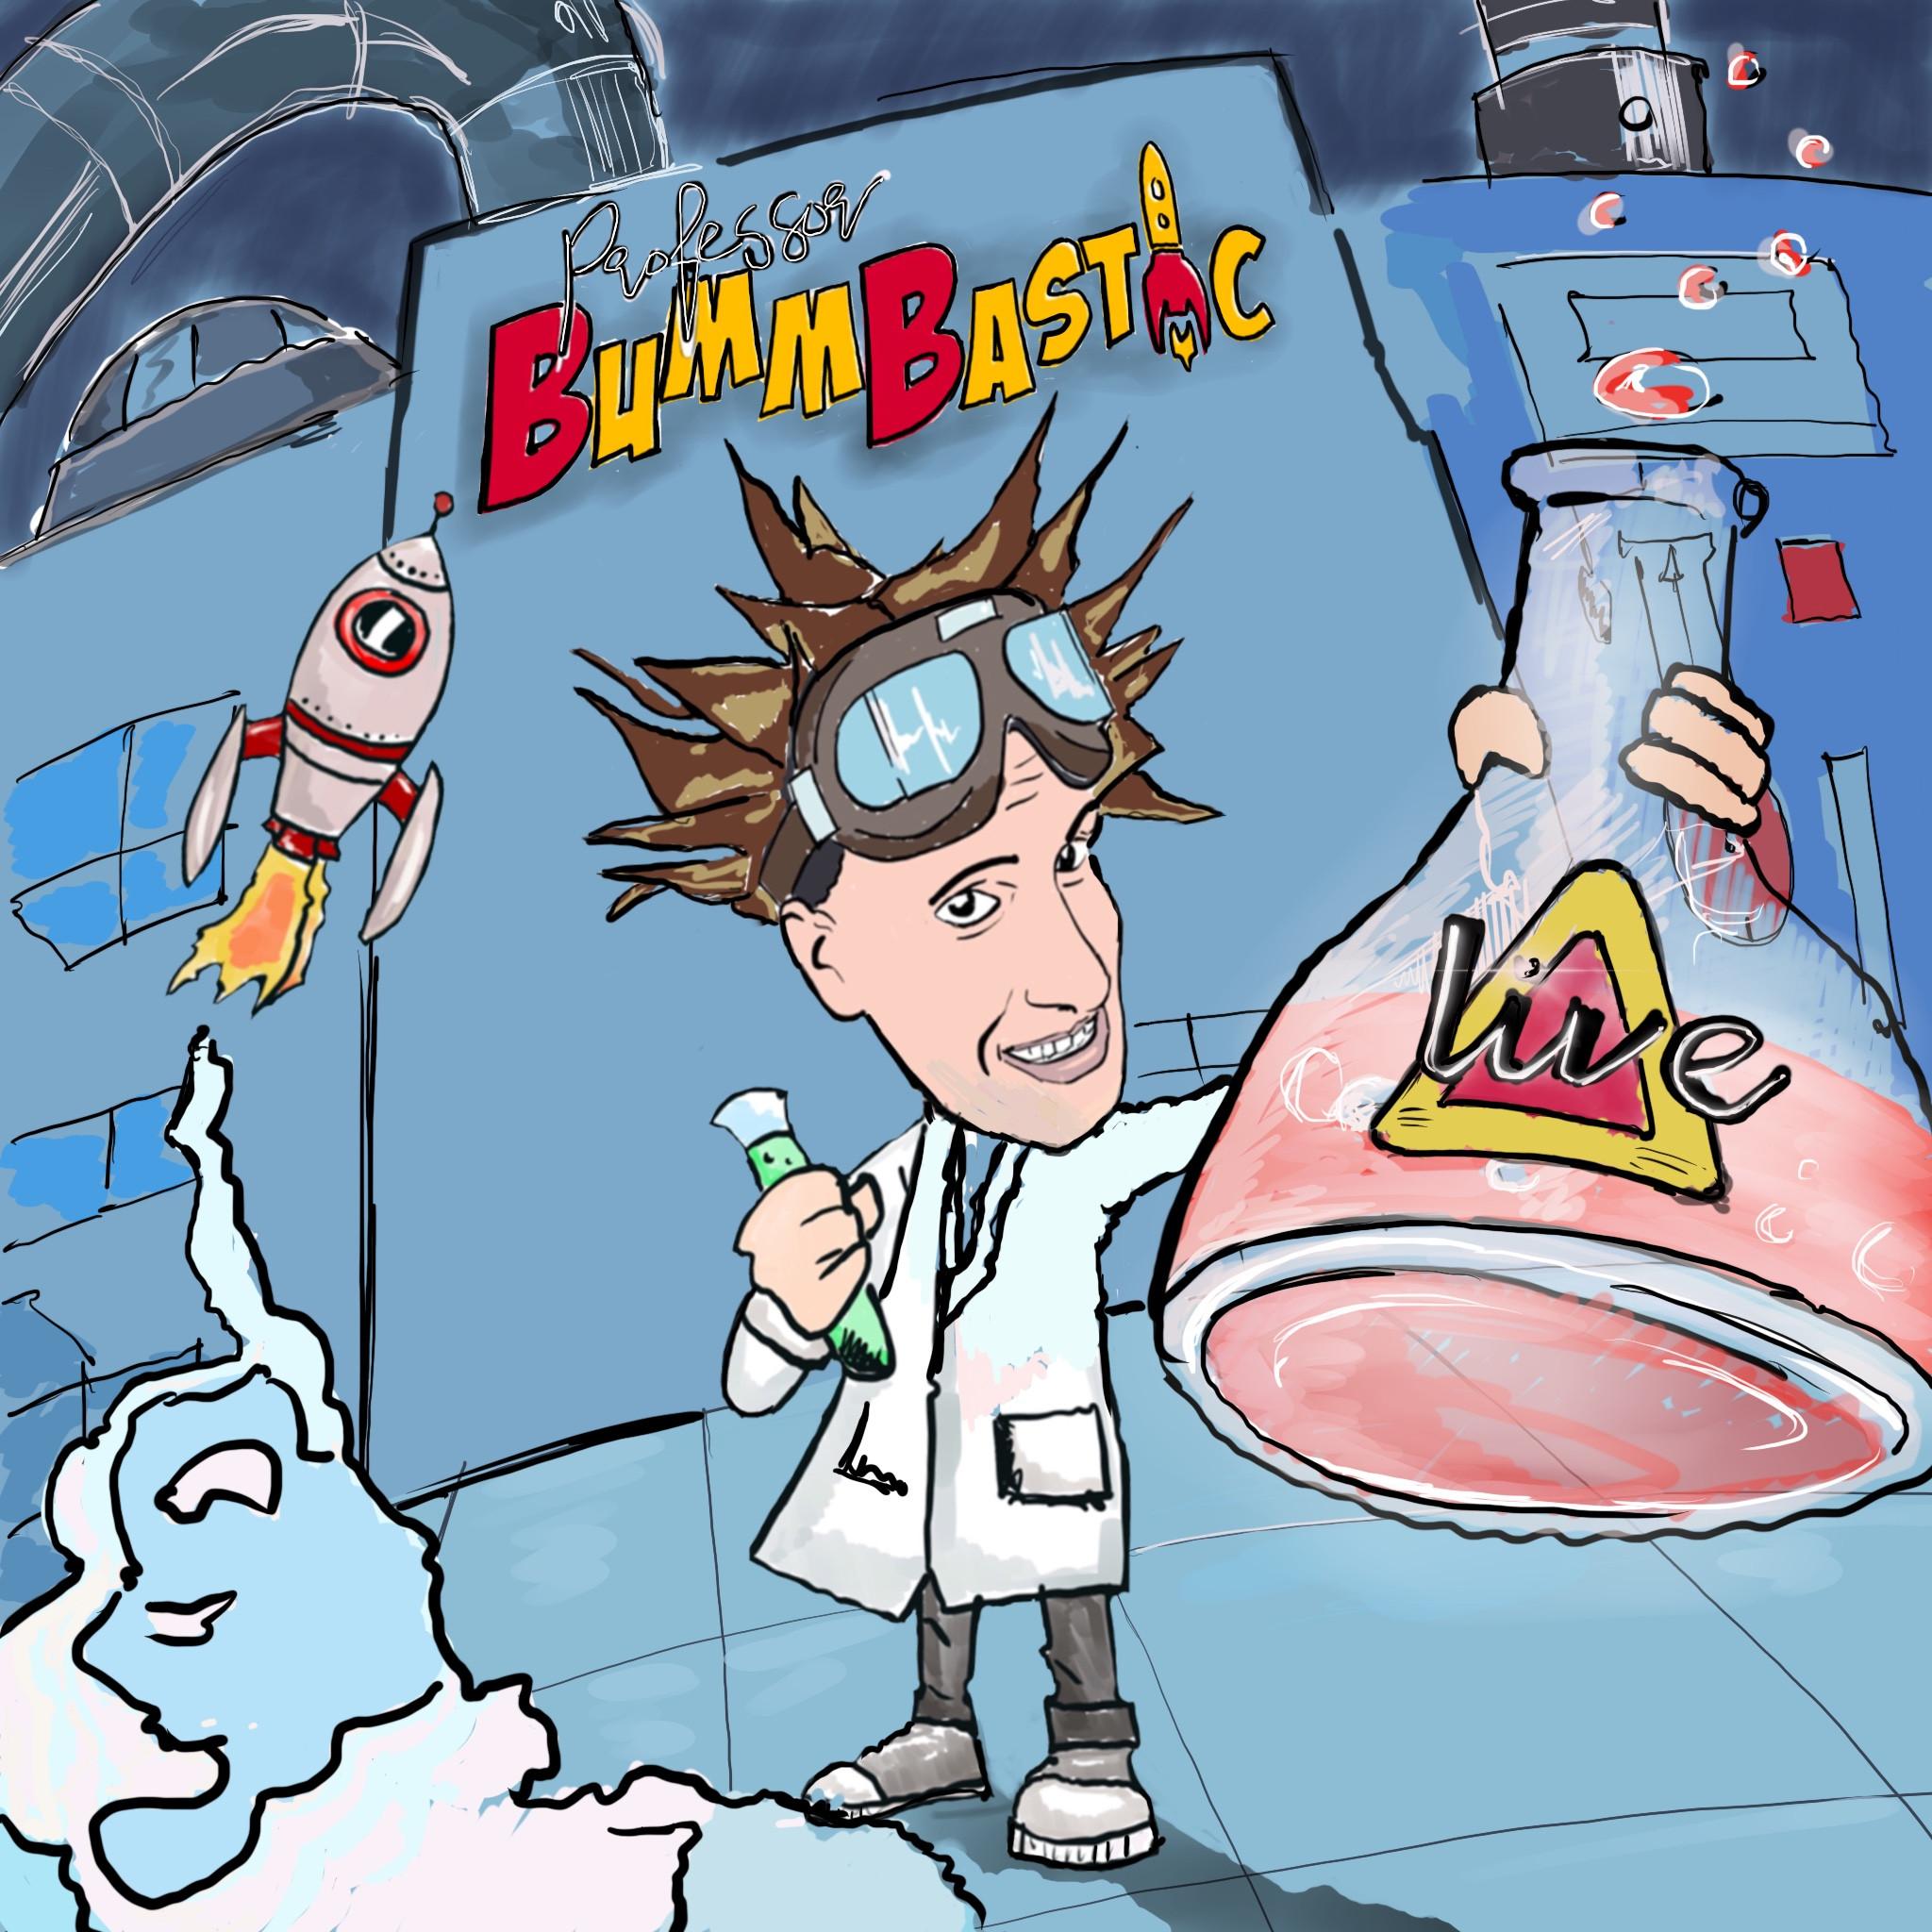 Professor Bummbastic